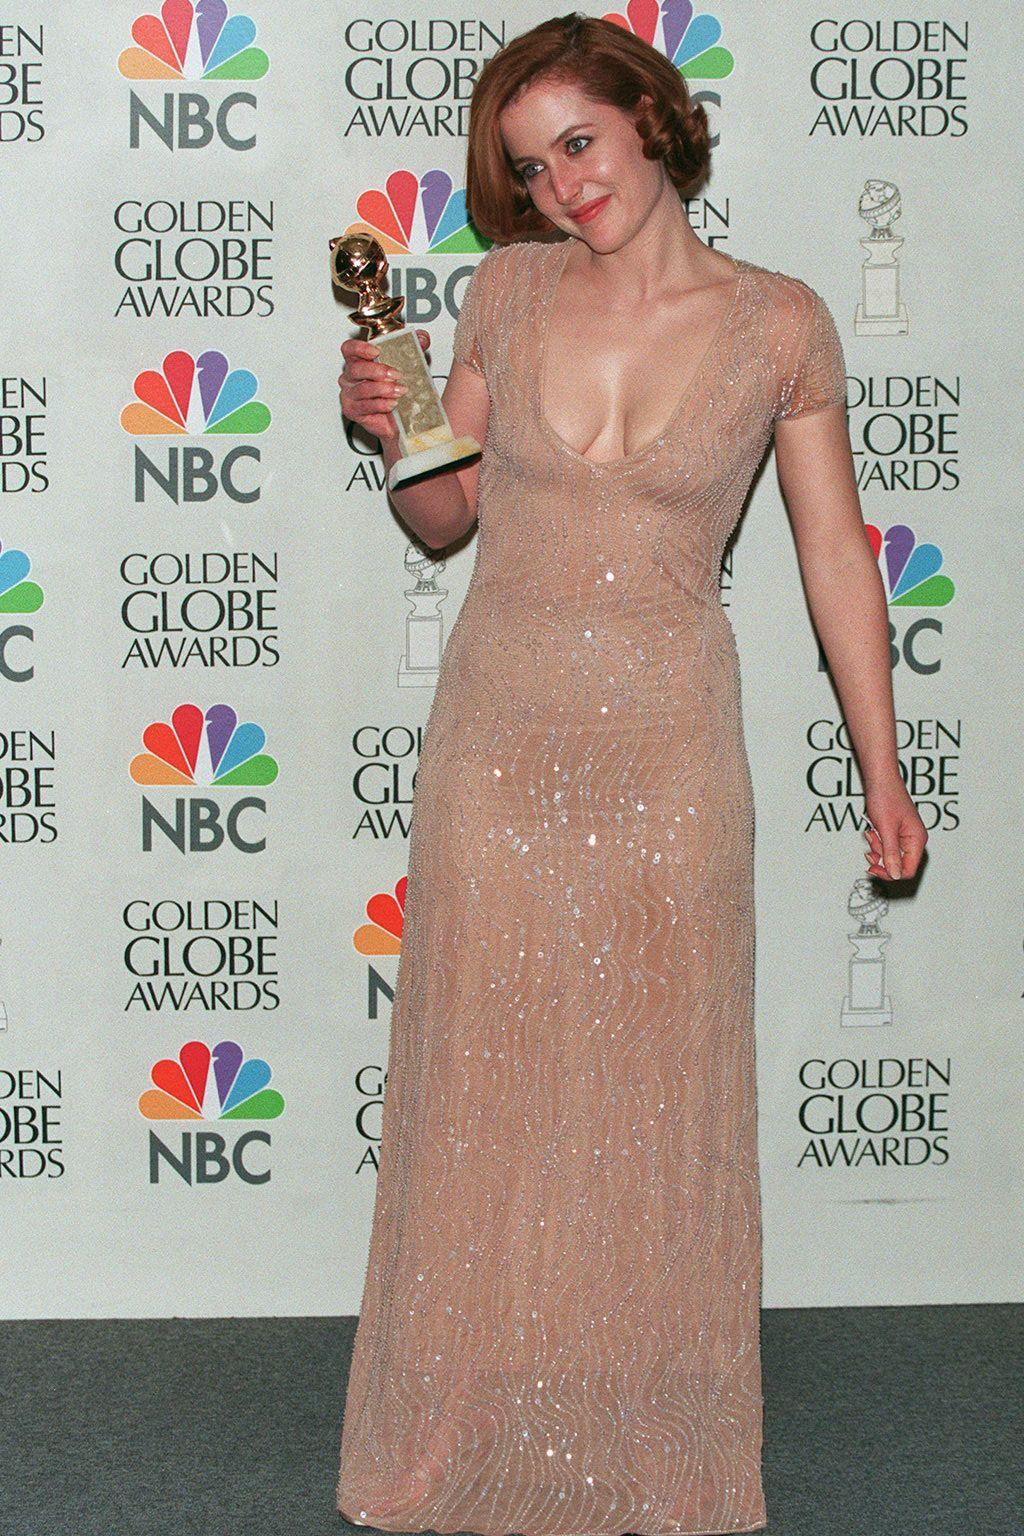 http://1.bp.blogspot.com/_6Ty_WF53R7E/TOmPQylNqFI/AAAAAAAAC0s/Z7yvGpLuix4/s1600/actress-gillian-anderson-587548.jpg